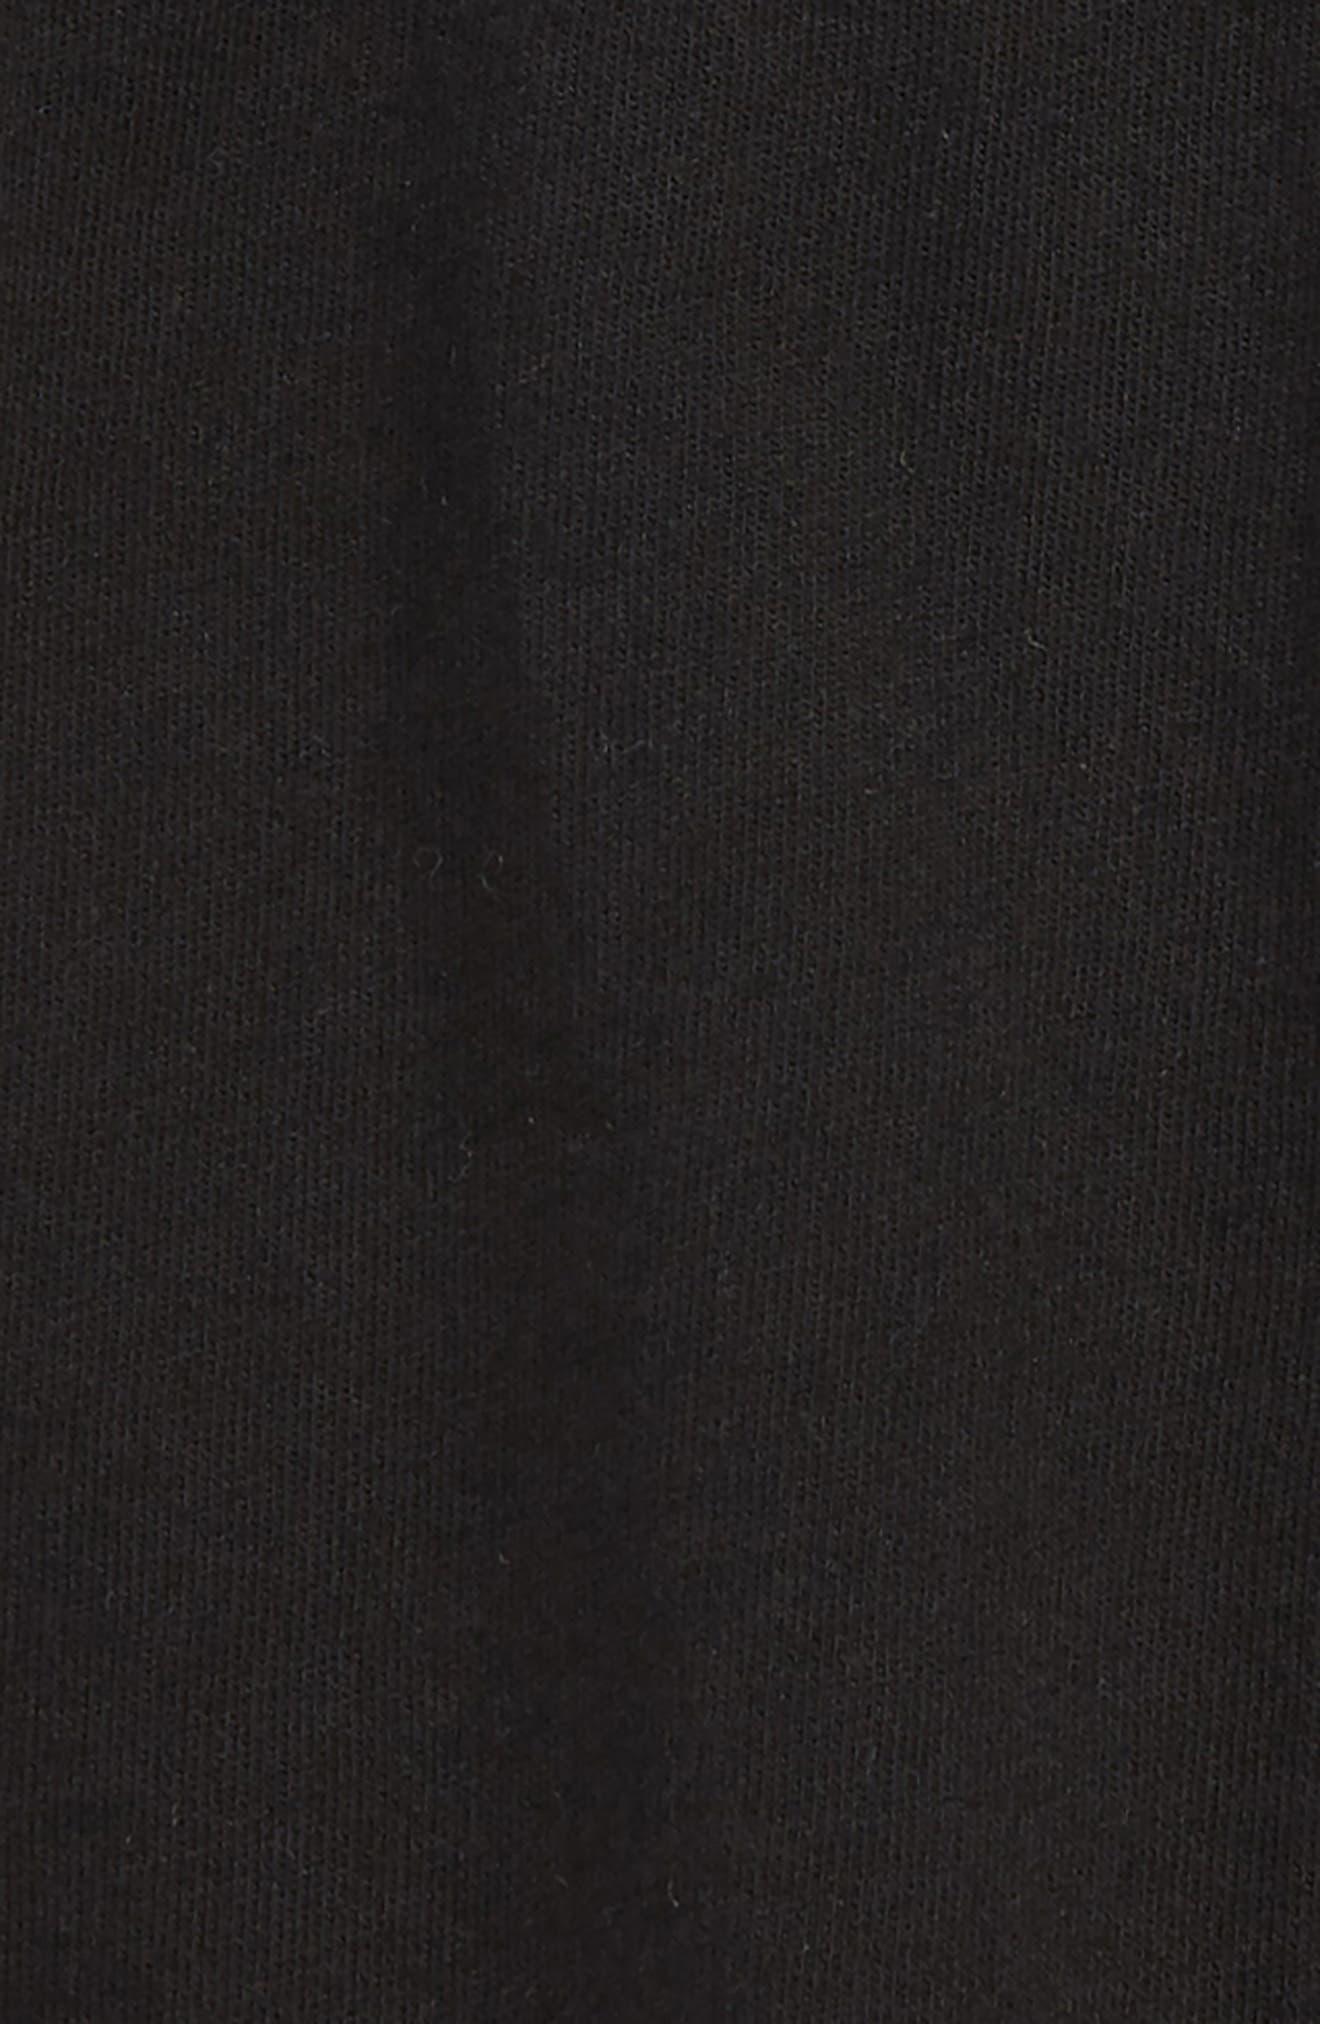 Knit Shorts,                             Alternate thumbnail 2, color,                             Black